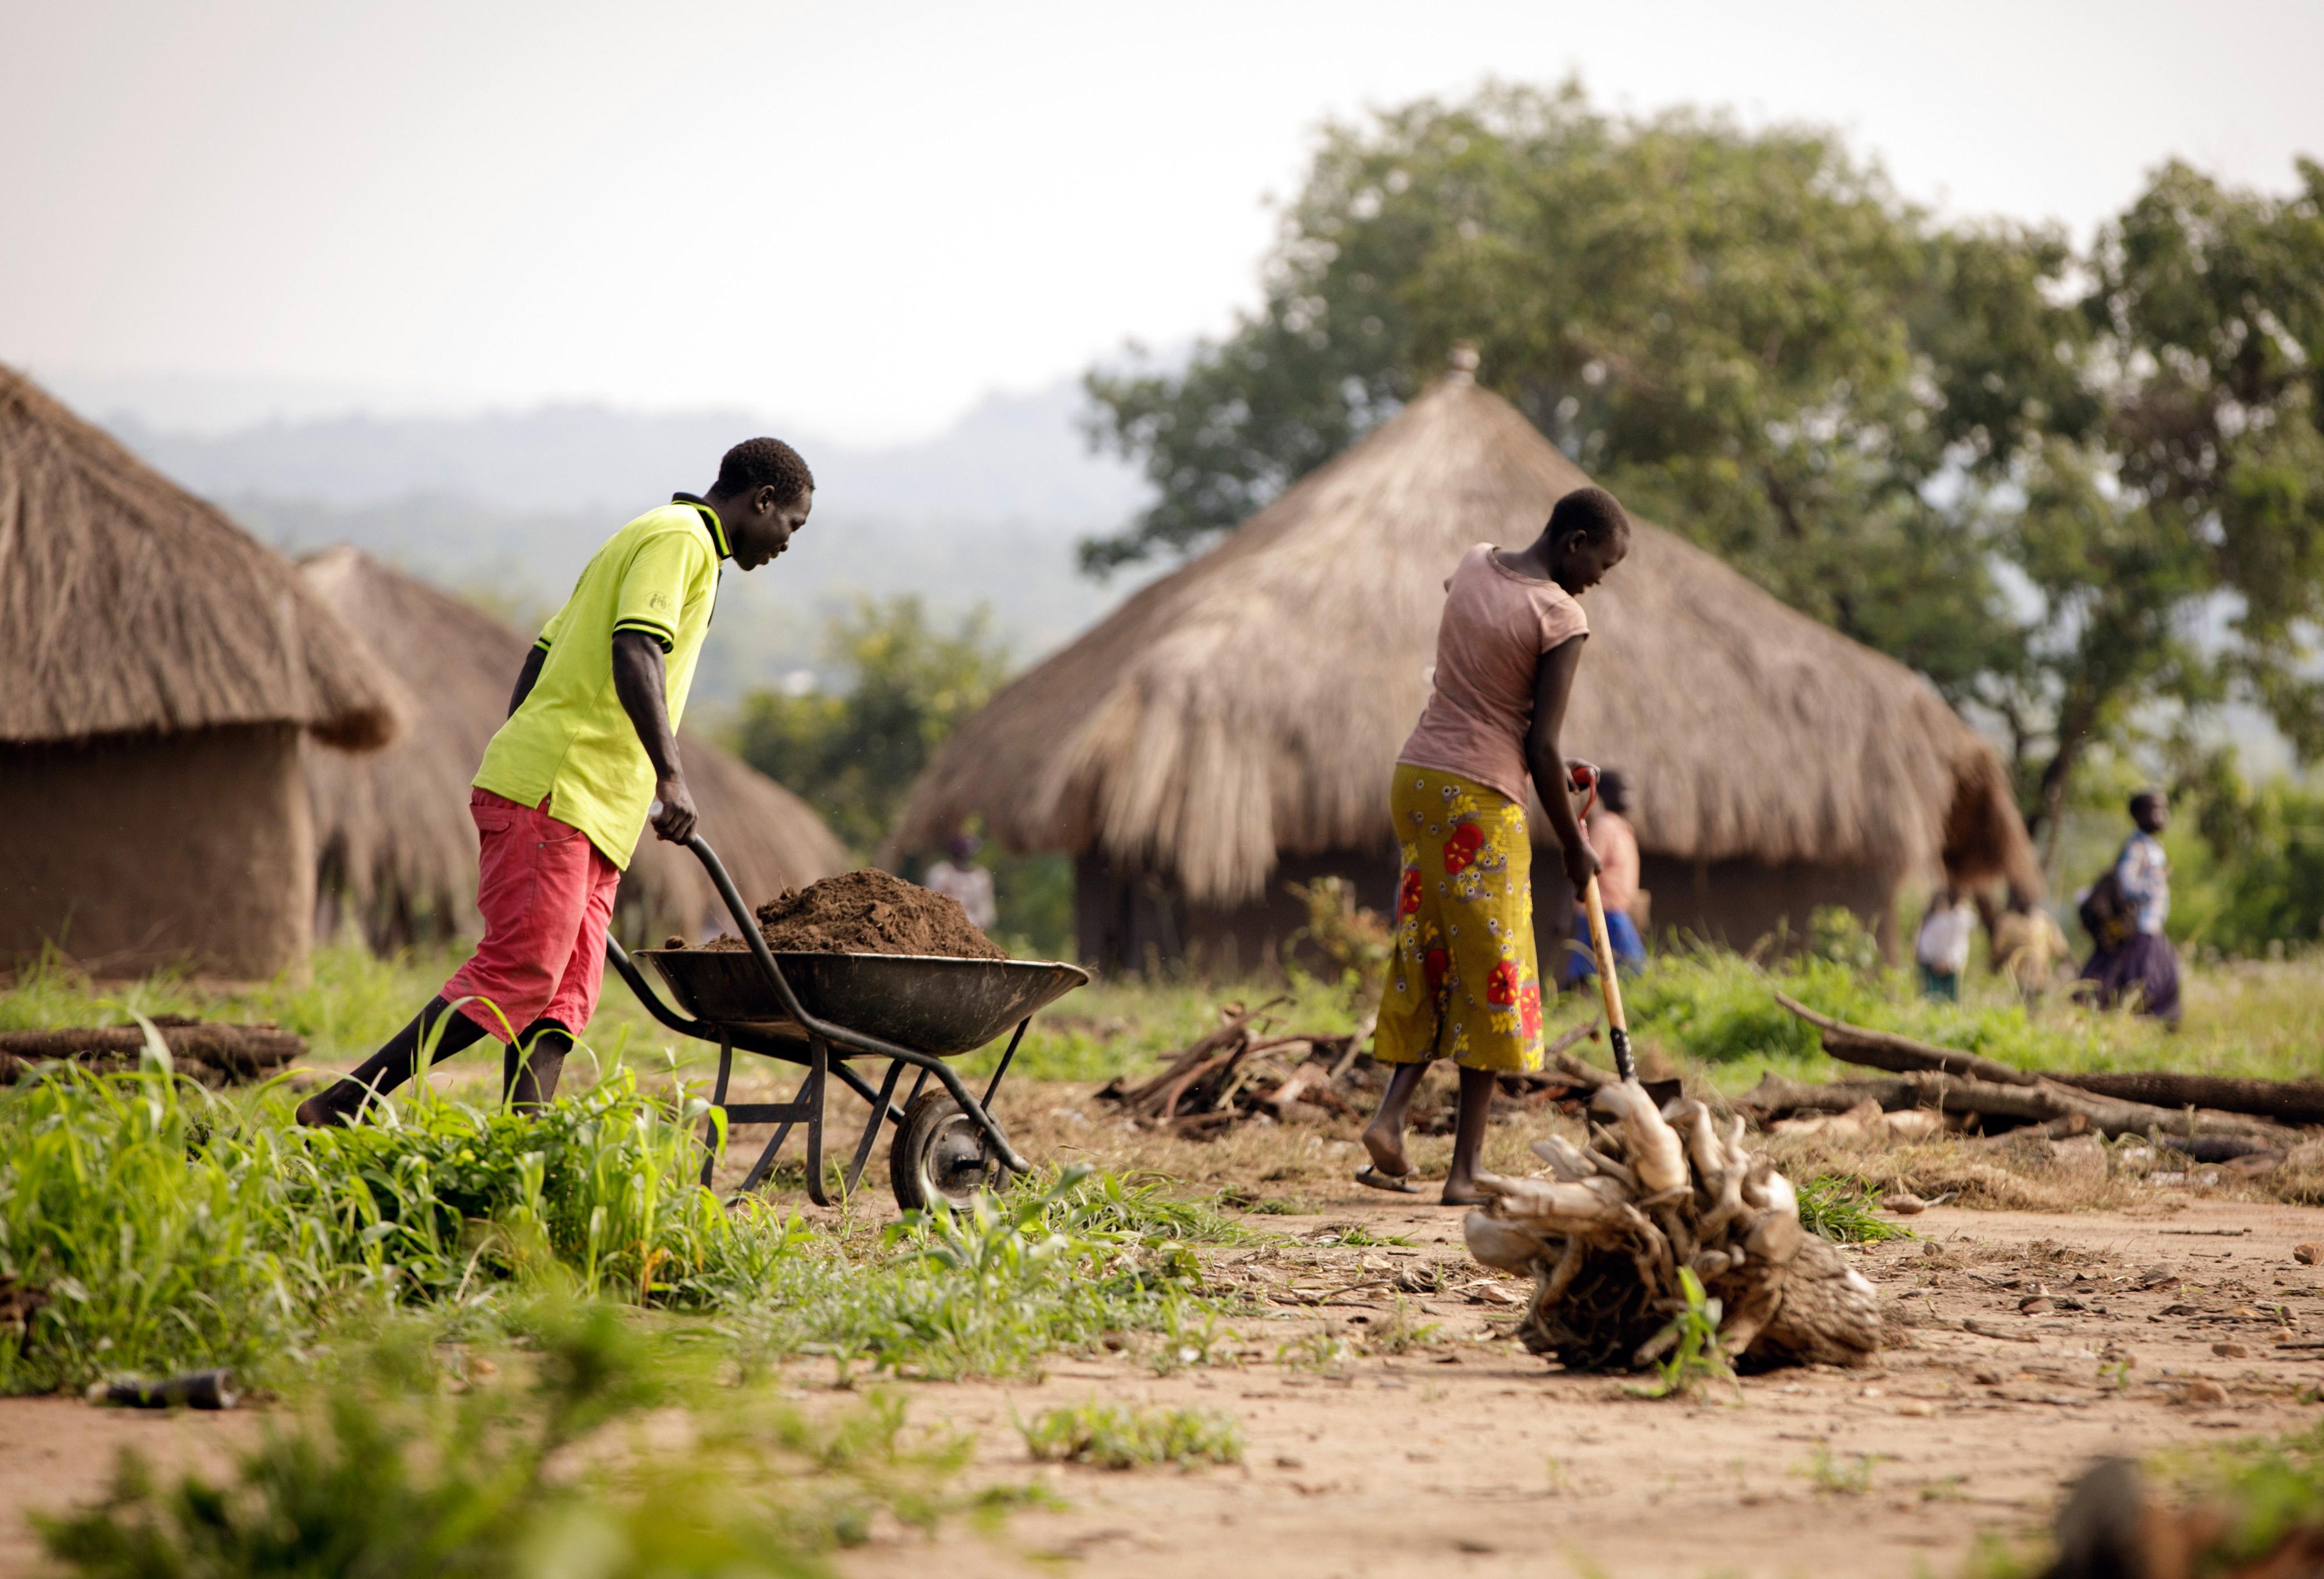 Zwei Geflüchtete bewirtschaften einen Acker im Rhino Refugee Camp im Norden Ugandas, wo rund 90.000 Menschen leben, die aus dem Südsudan geflohen sind.